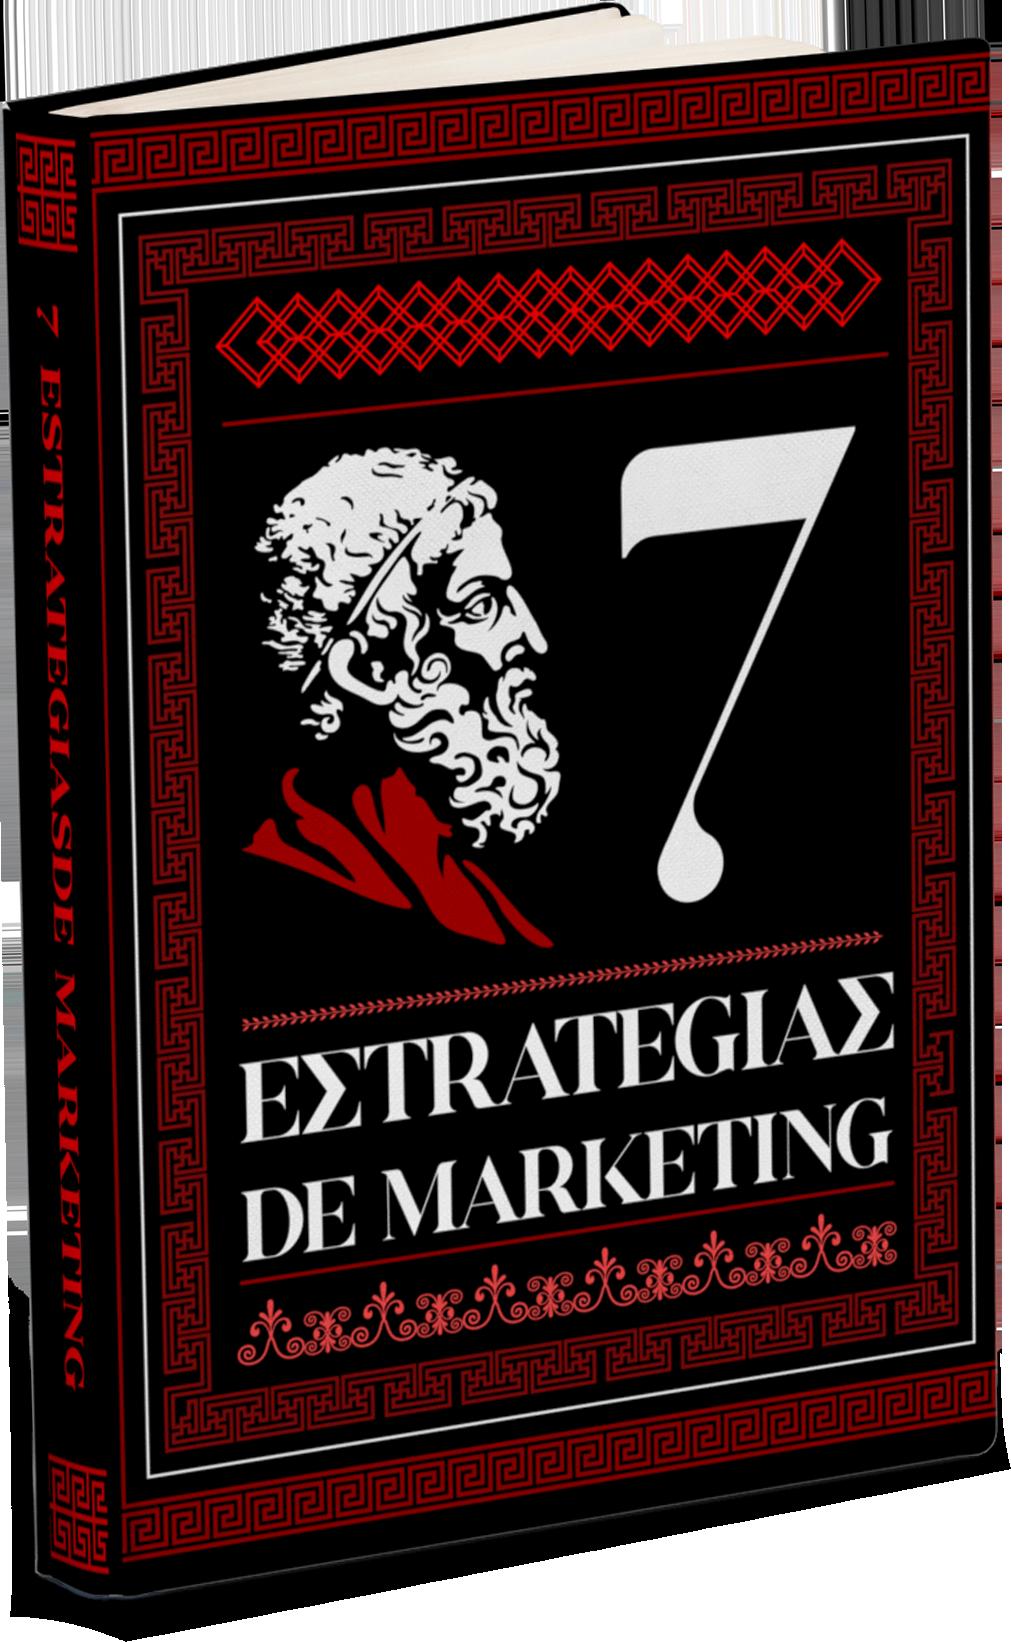 7 estrategias de marketing Ebook